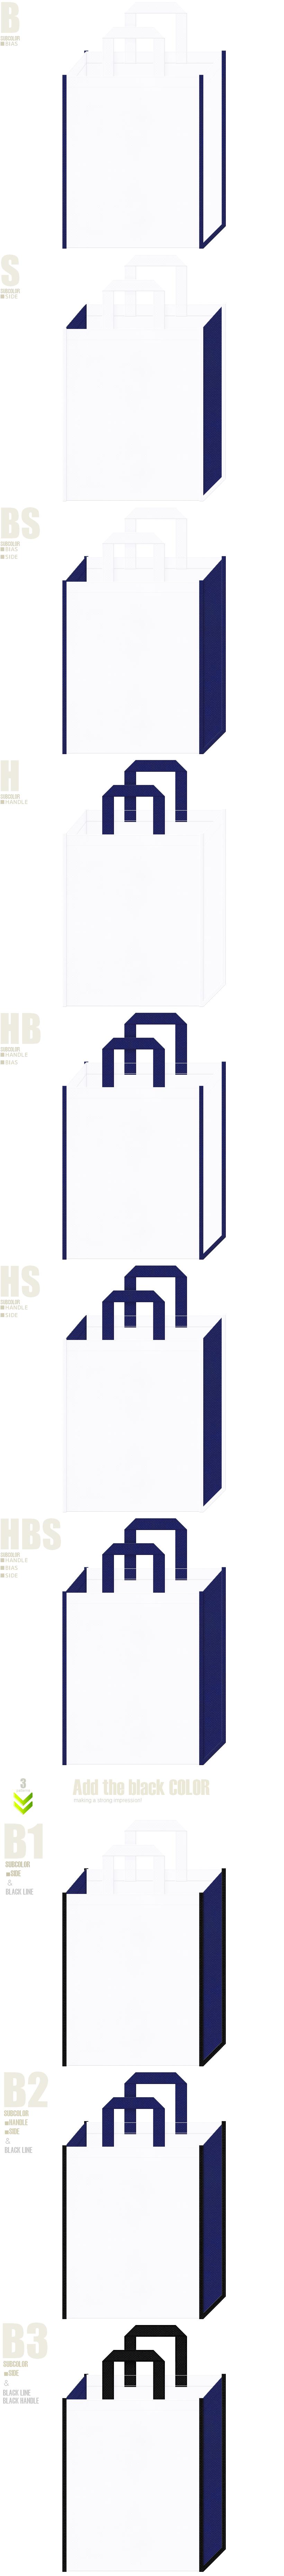 白色と明るめの紺色の不織布バッグデザイン。学校・オープンキャンパス用のバッグ、アクアリウム・サマーイベントのバッグノベルティにお奨めです。